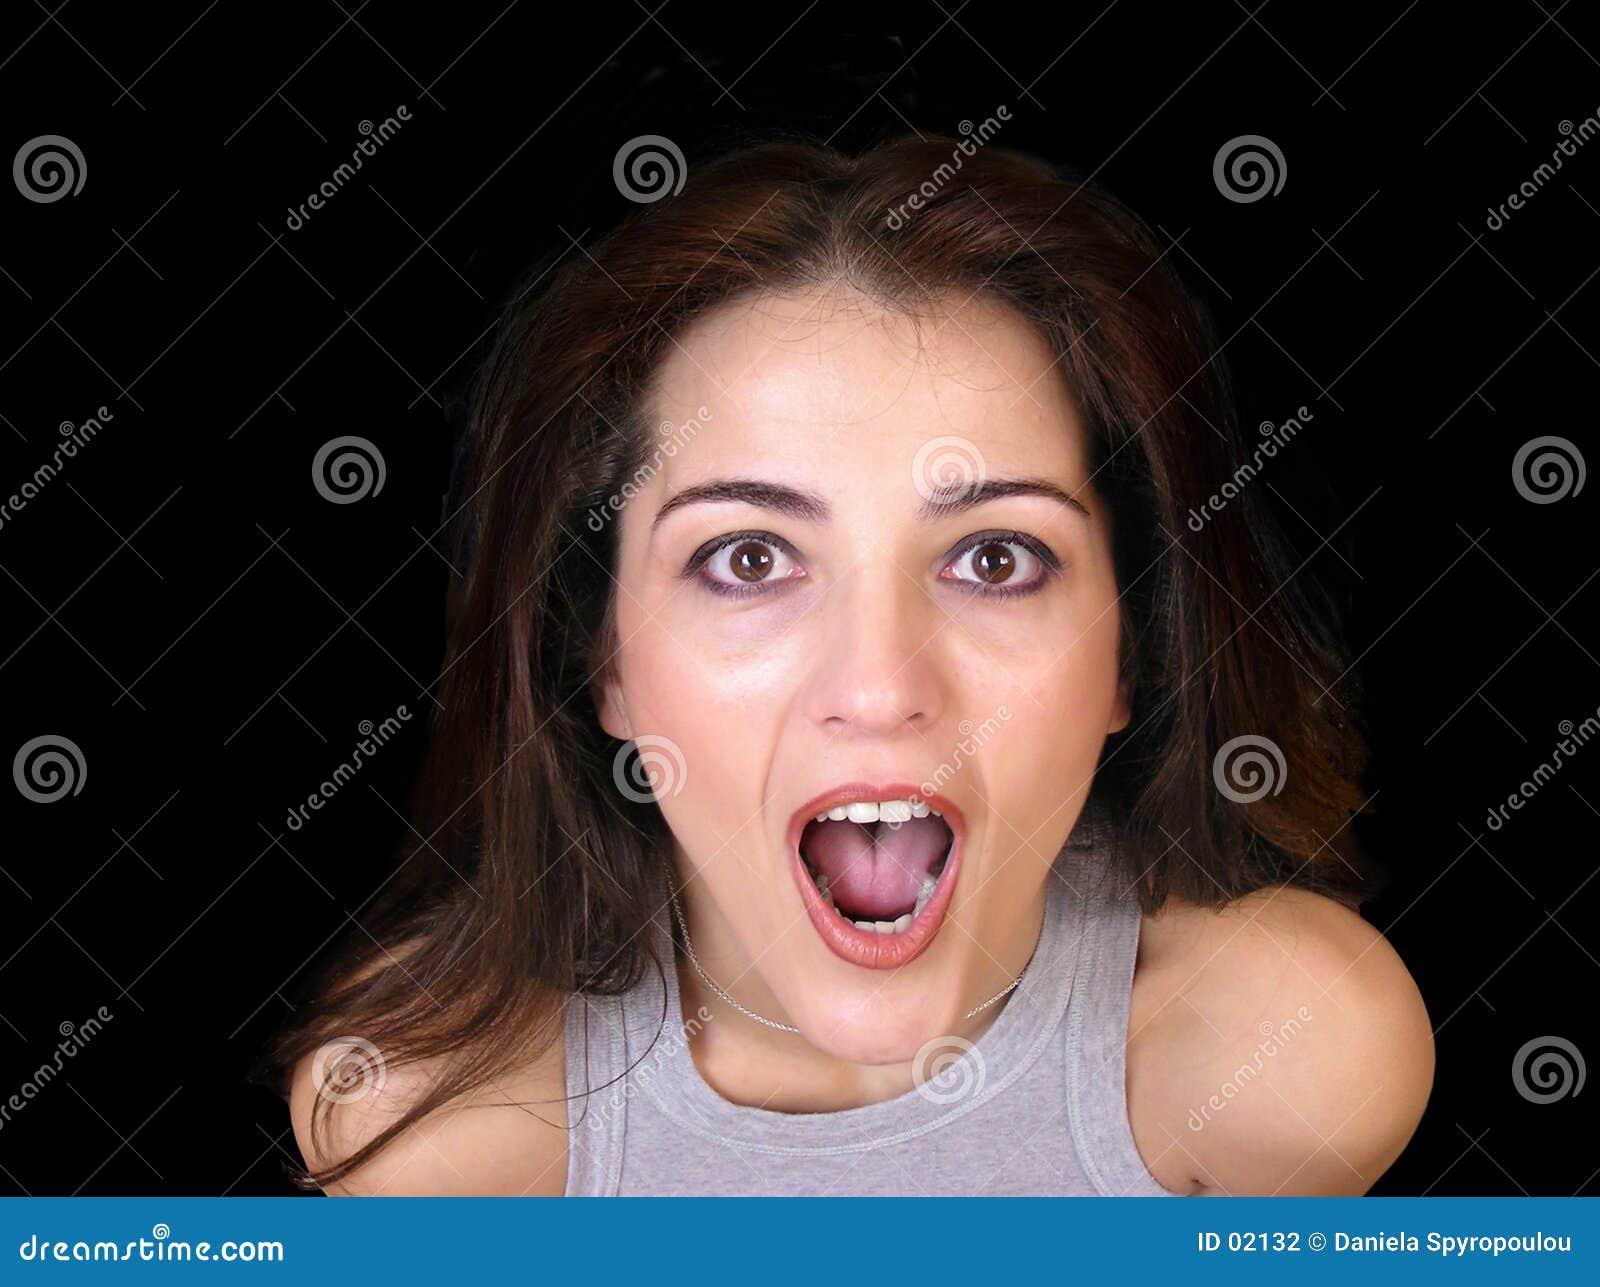 Download Opgewekte vrouw stock foto. Afbeelding bestaande uit hartstochtelijk - 2132